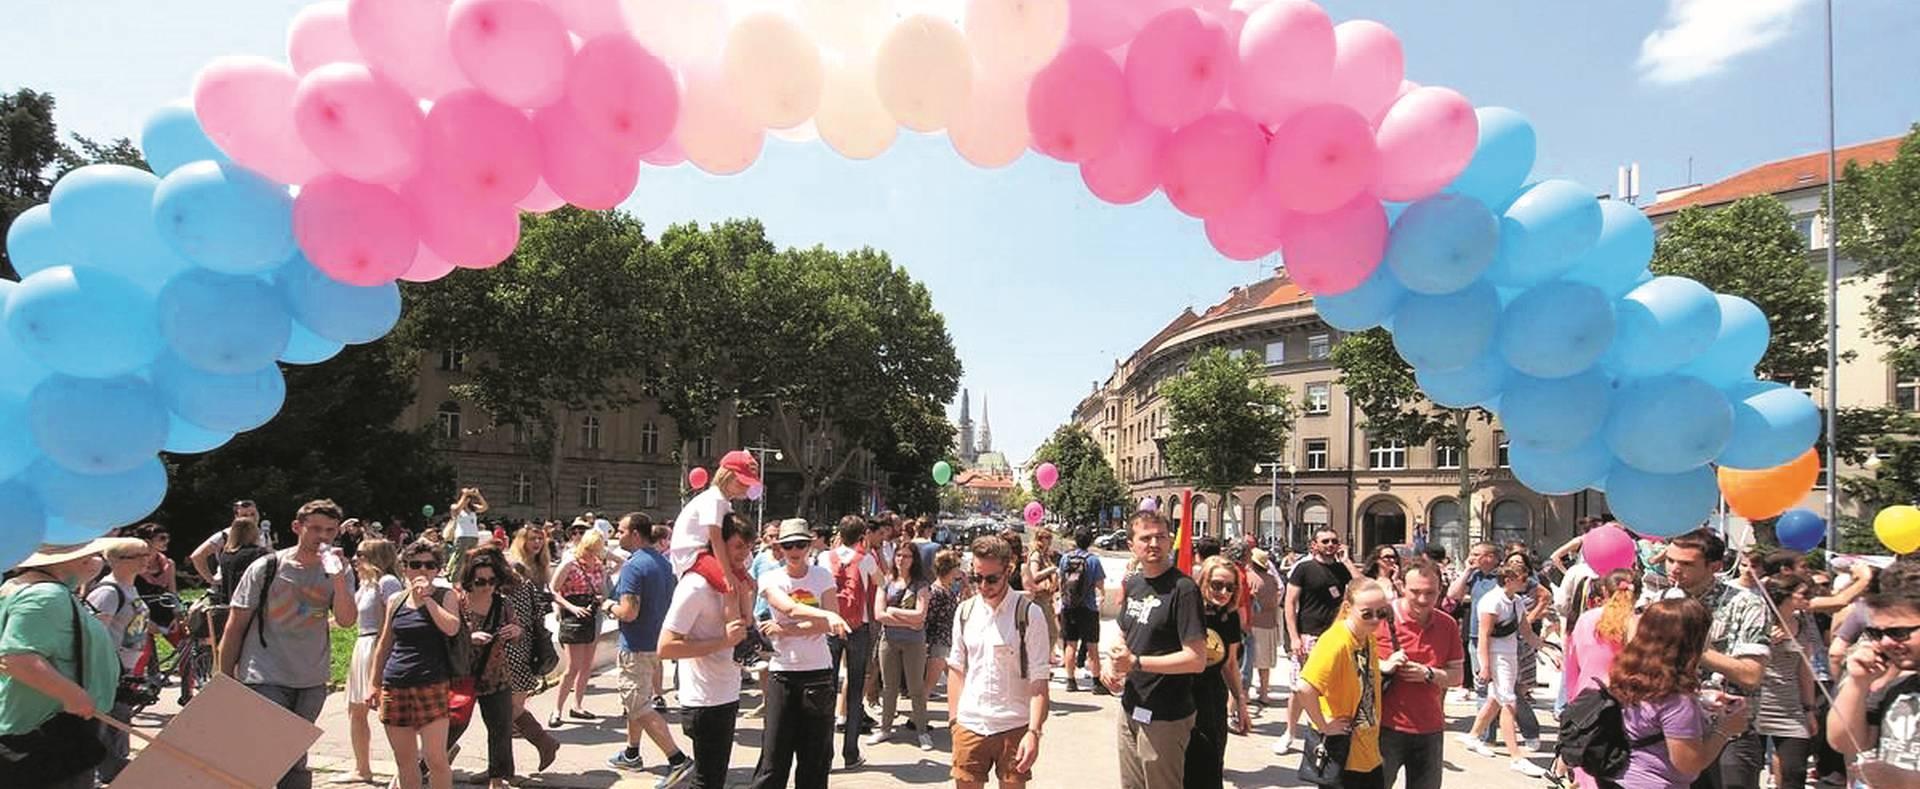 Homofobija i nasilje još vladaju Hrvatskom